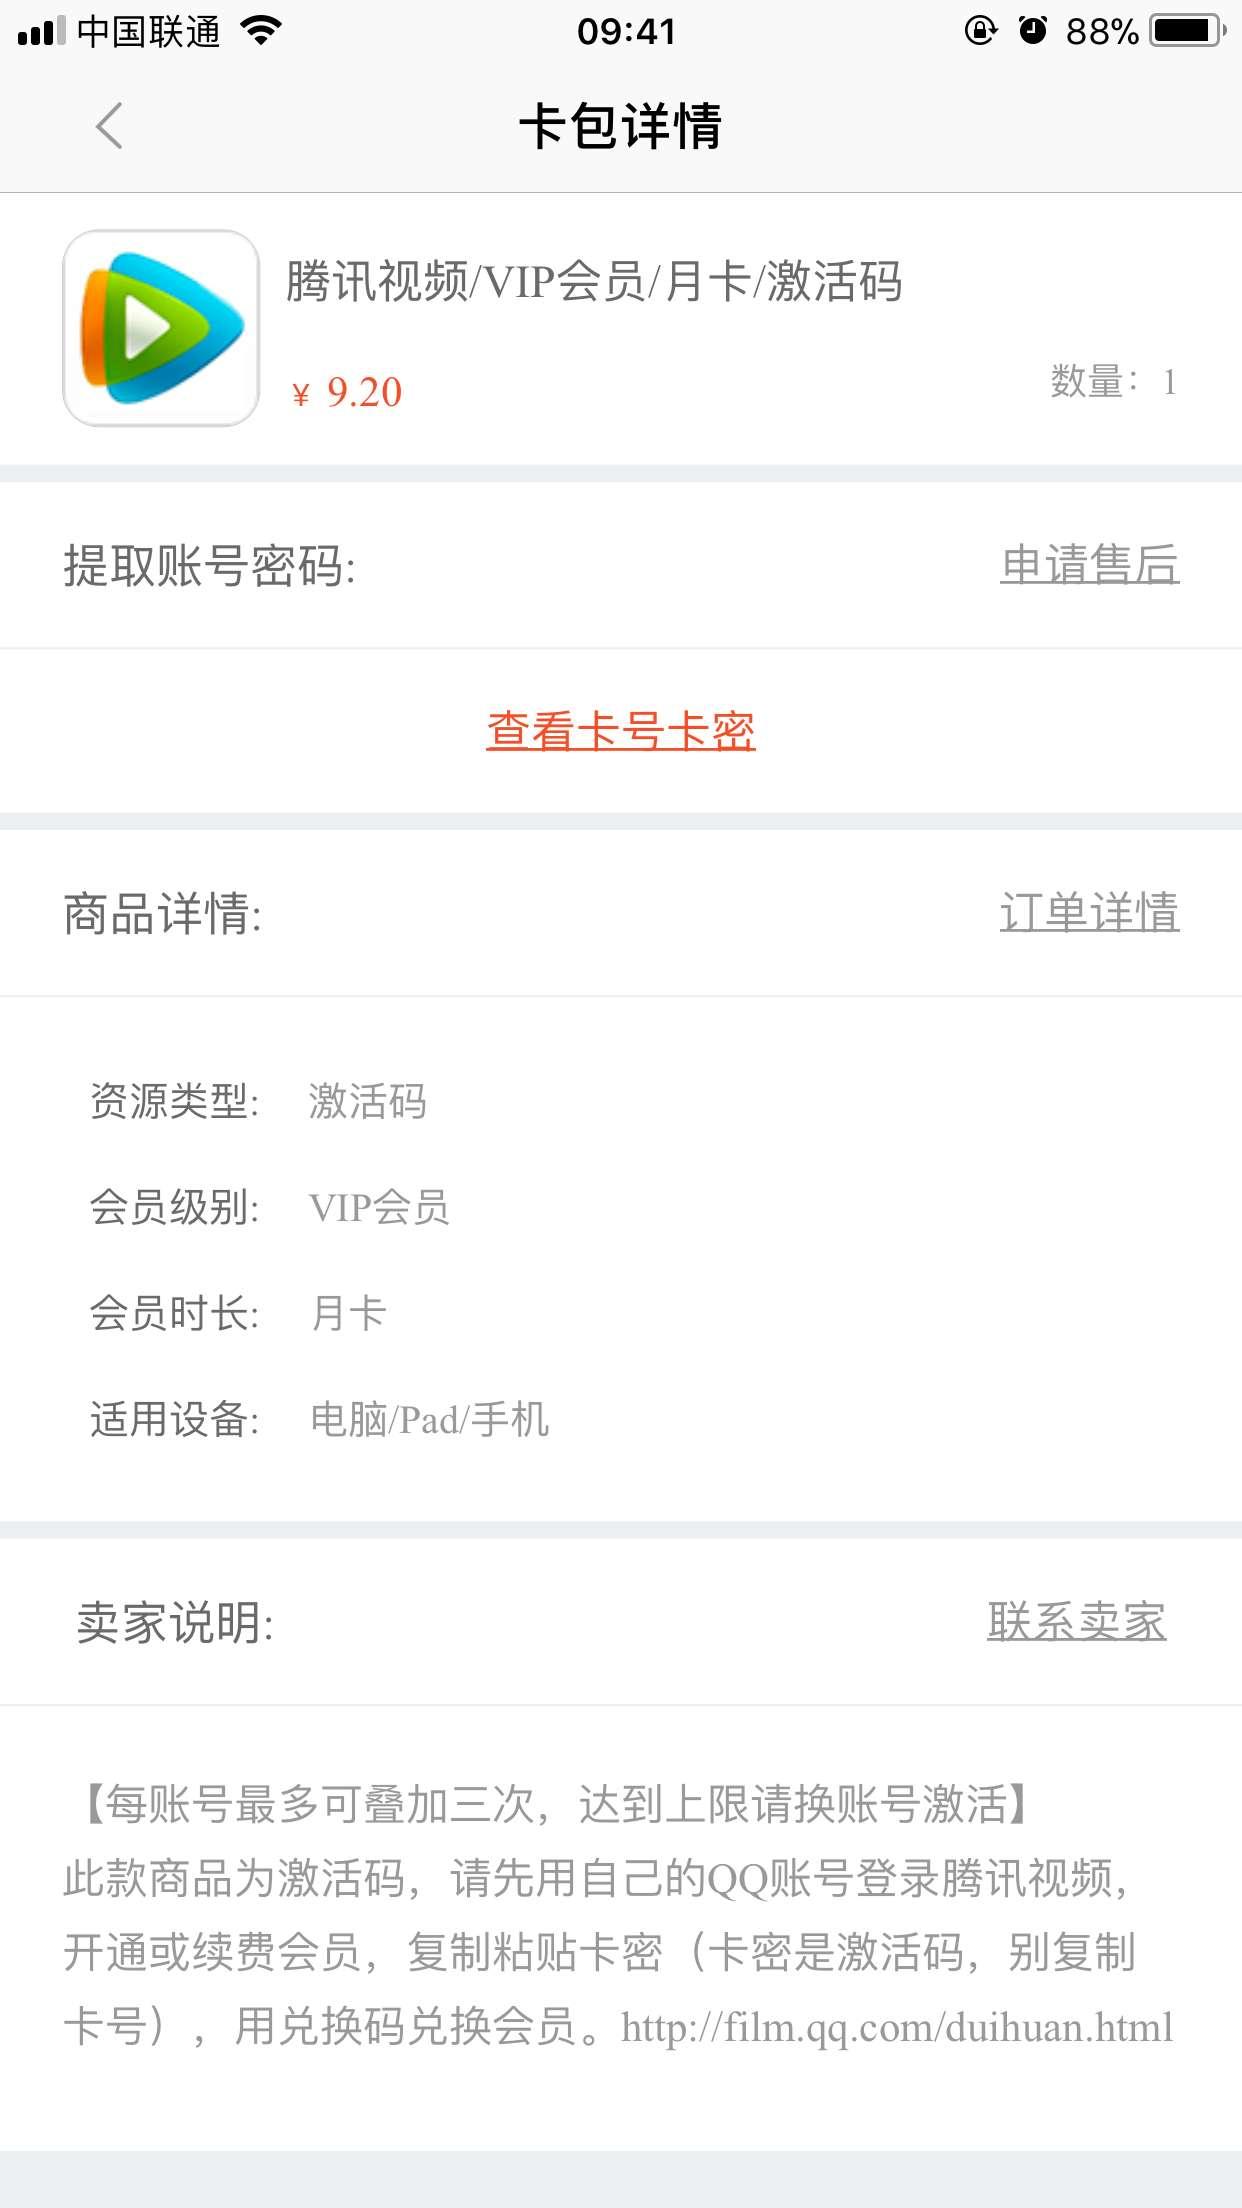 公象APP1.5元购买5天腾讯视频VIP 9.2购买1个月会员